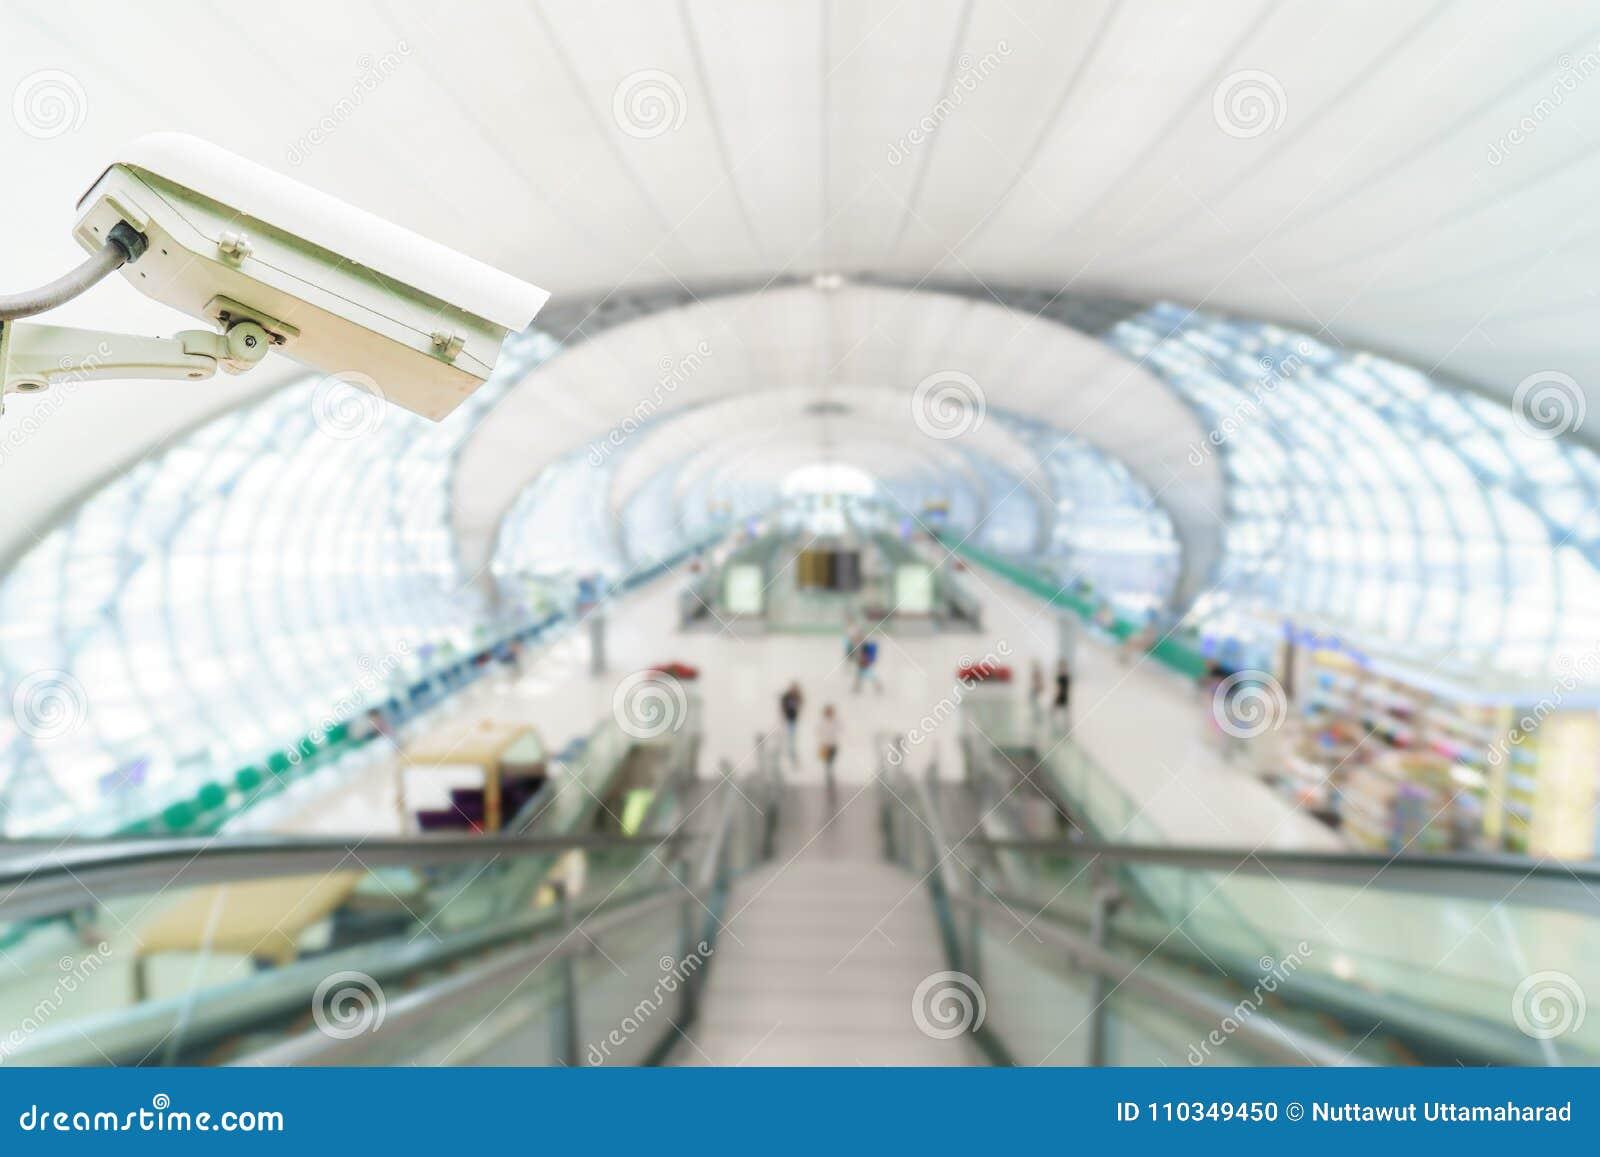 Monitoração de segurança do sistema do CCTV no aeroporto